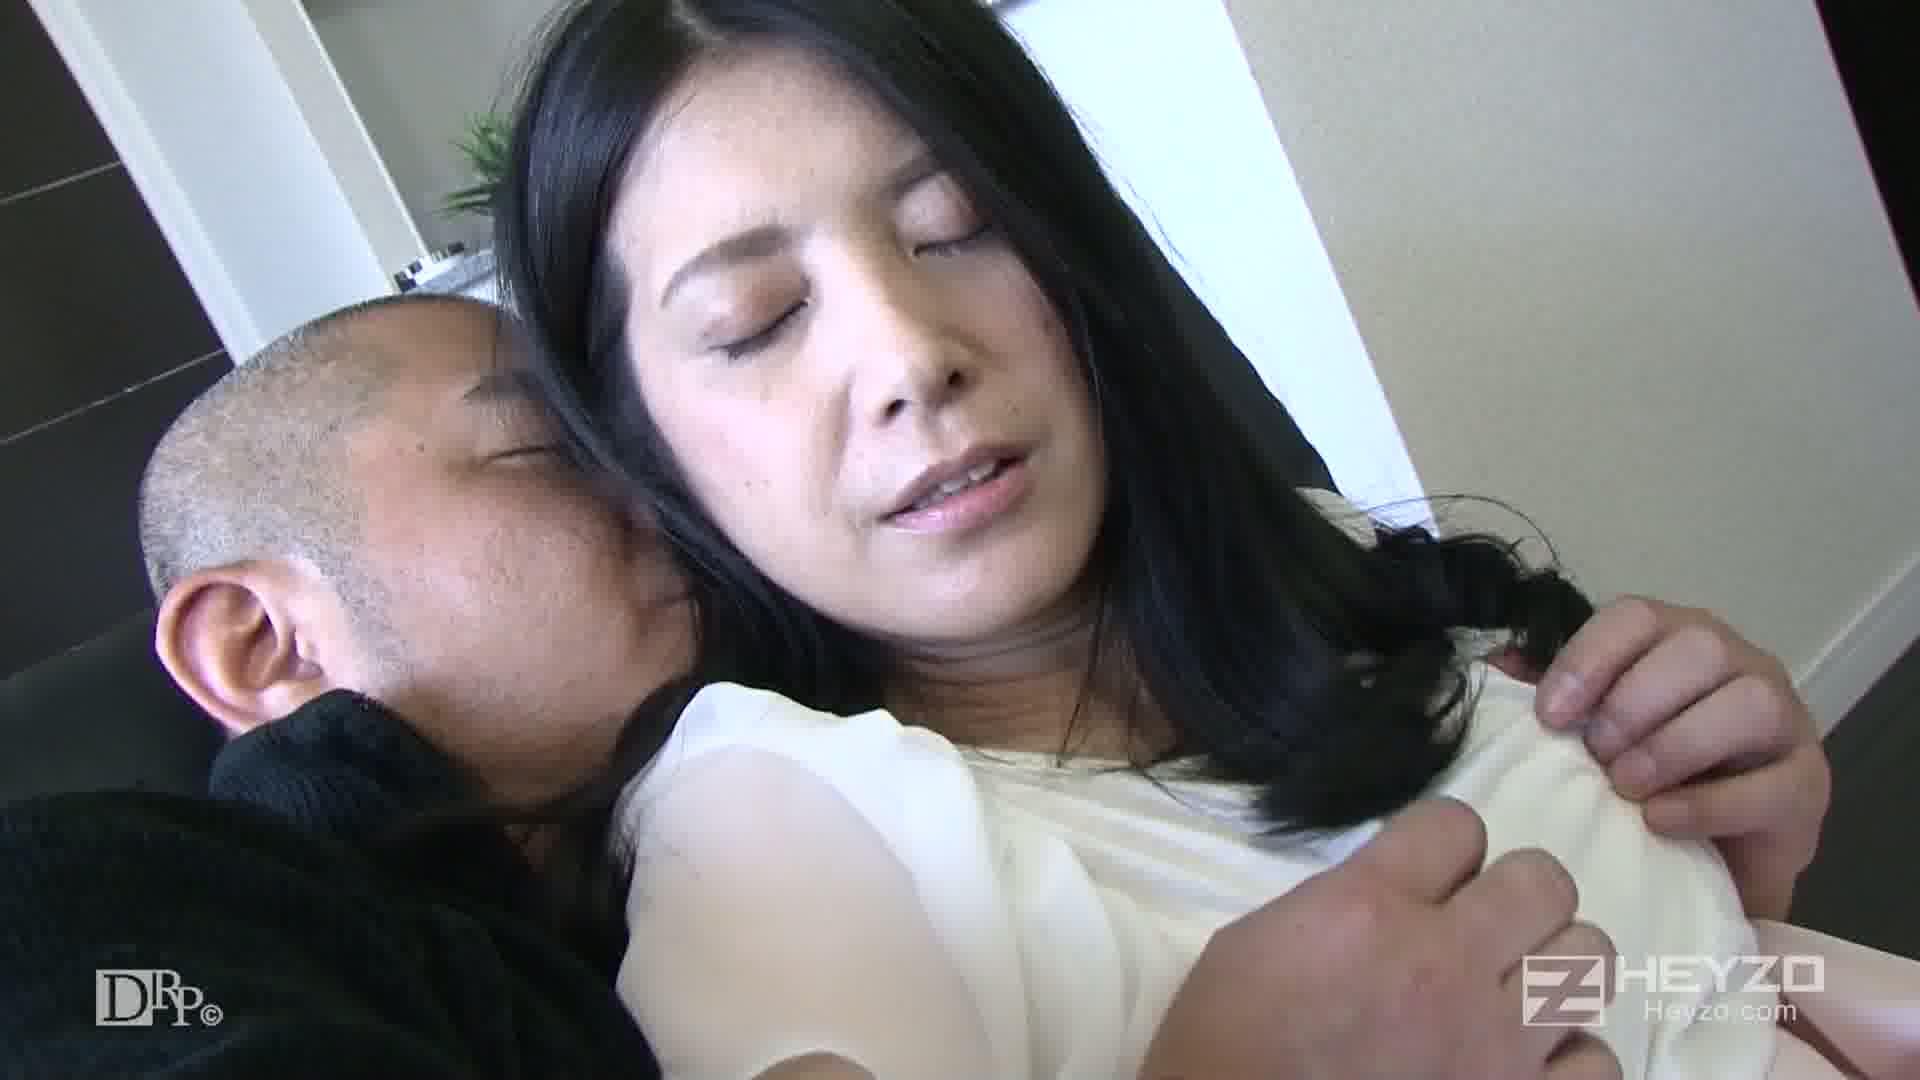 欲求不満の隣の奥さん~開放された性欲フルスロットル~ - 相澤かな【ベロチュー 脱衣 乳首舐め 指マン】